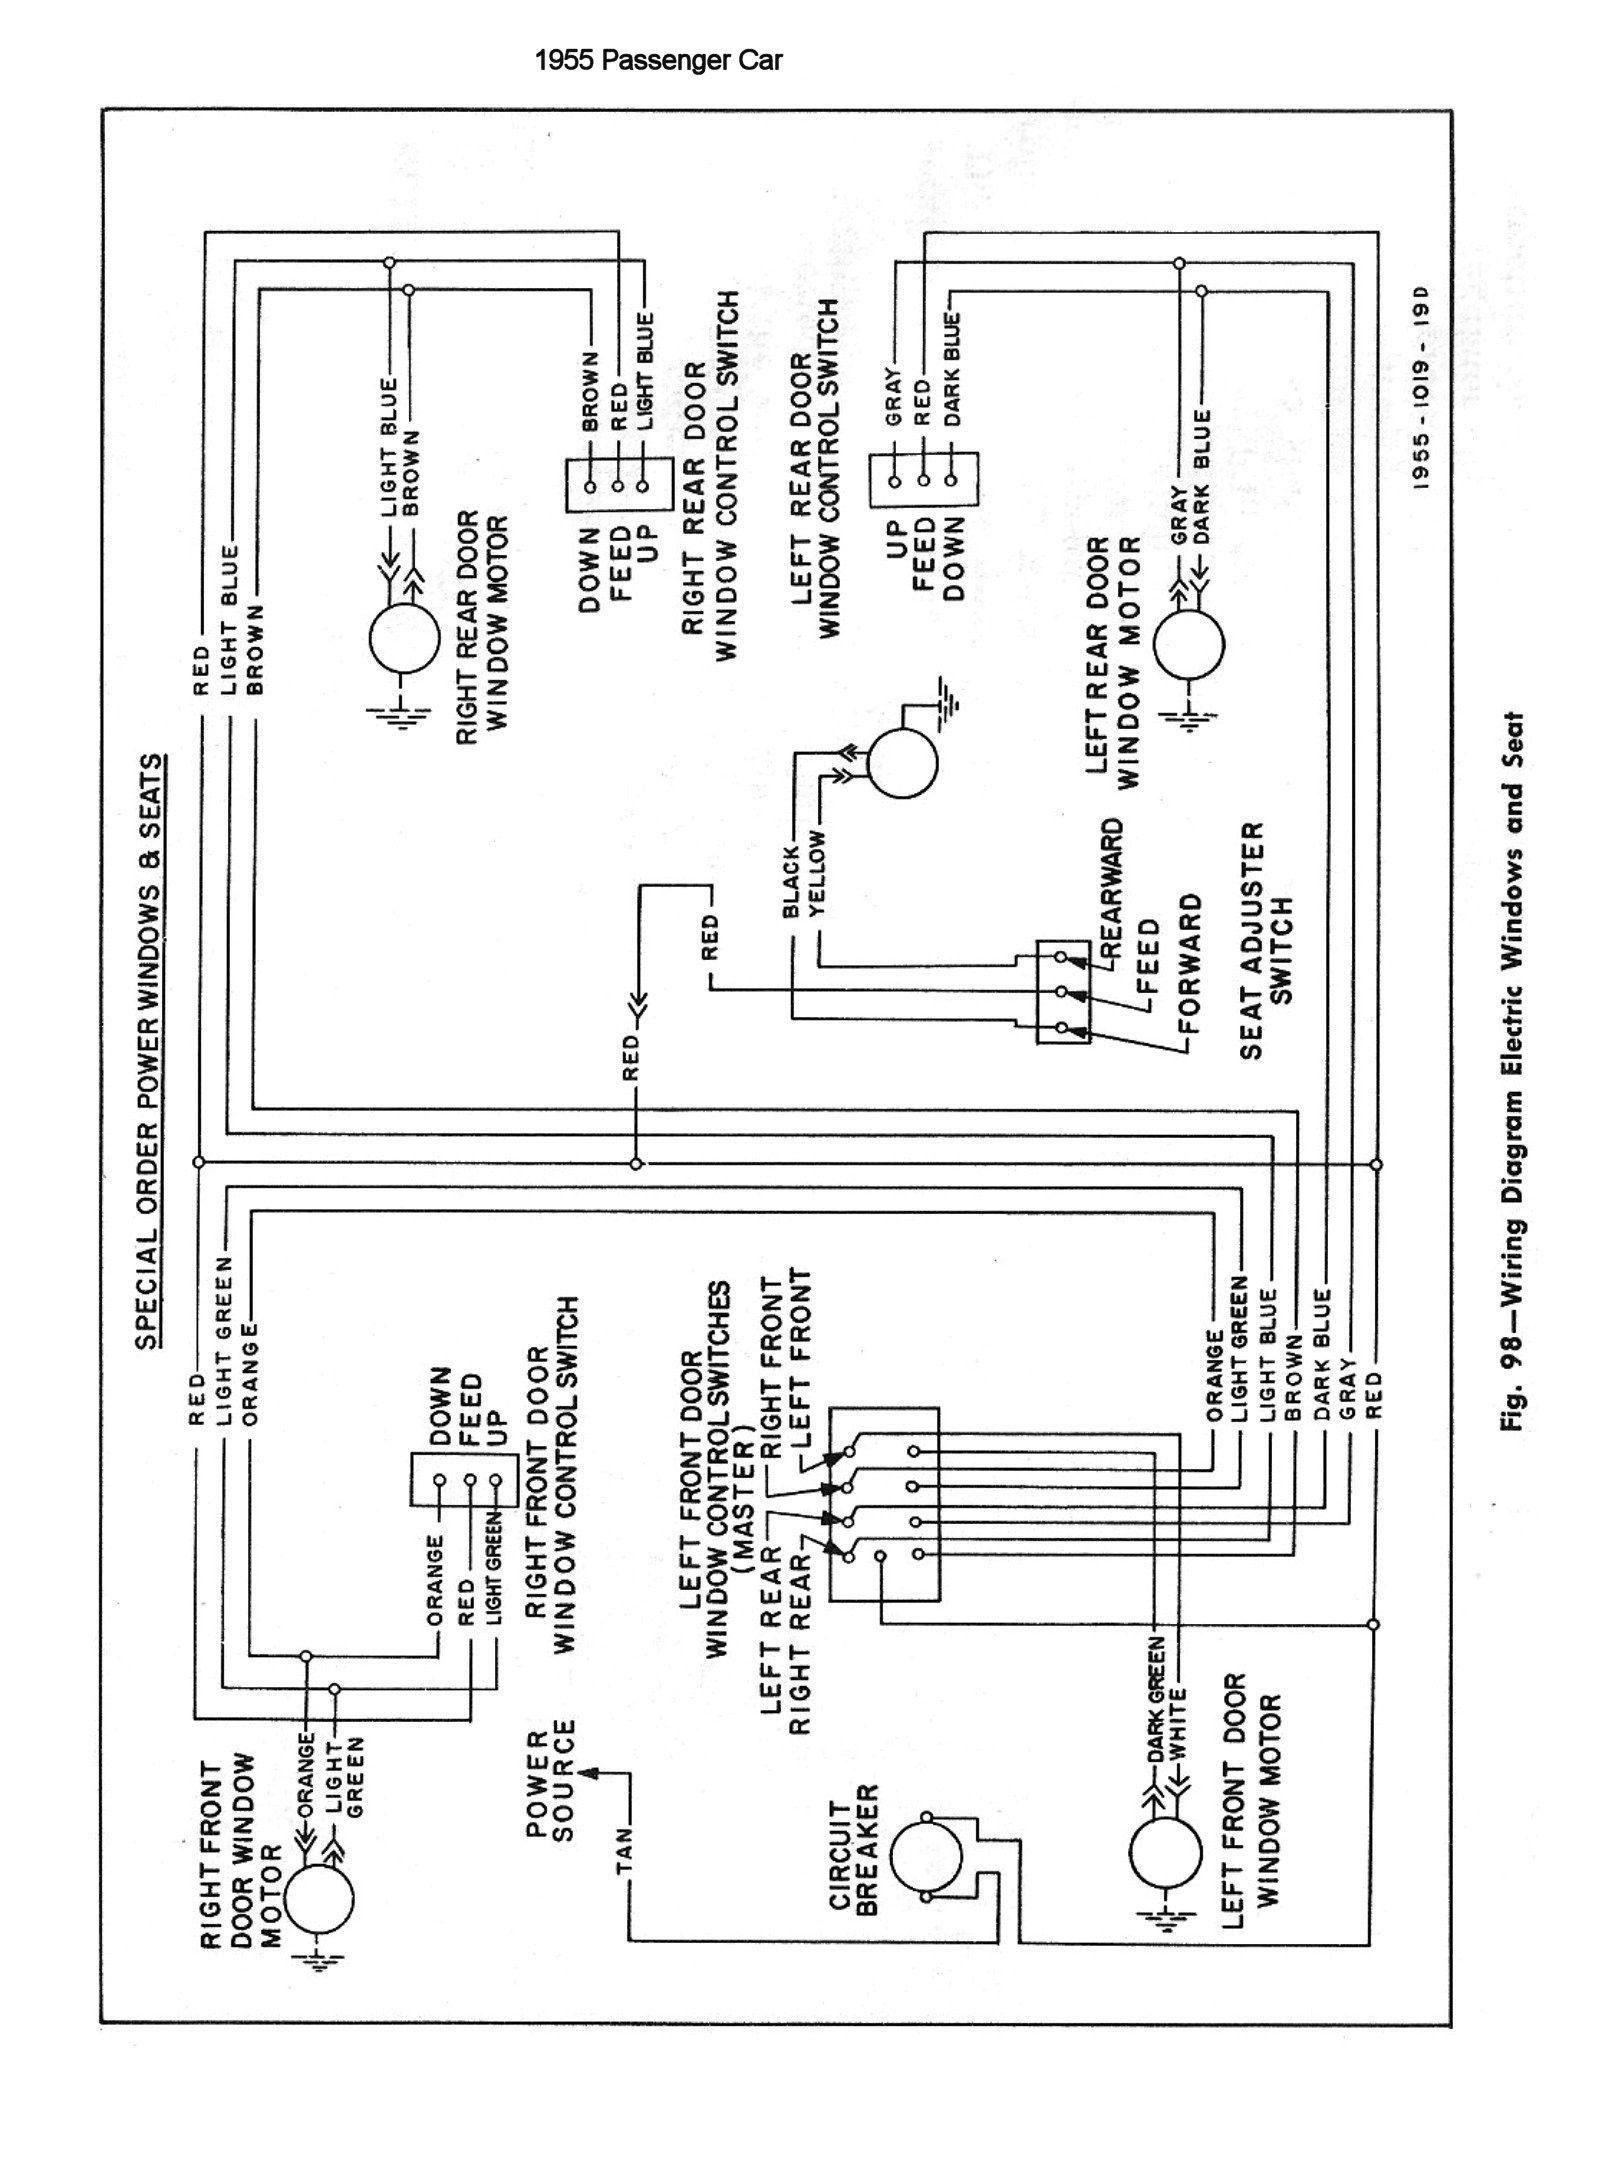 86 Chevy Truck Wiring Diagram In 2021 86 Chevy Truck Diagram Chevy Trucks